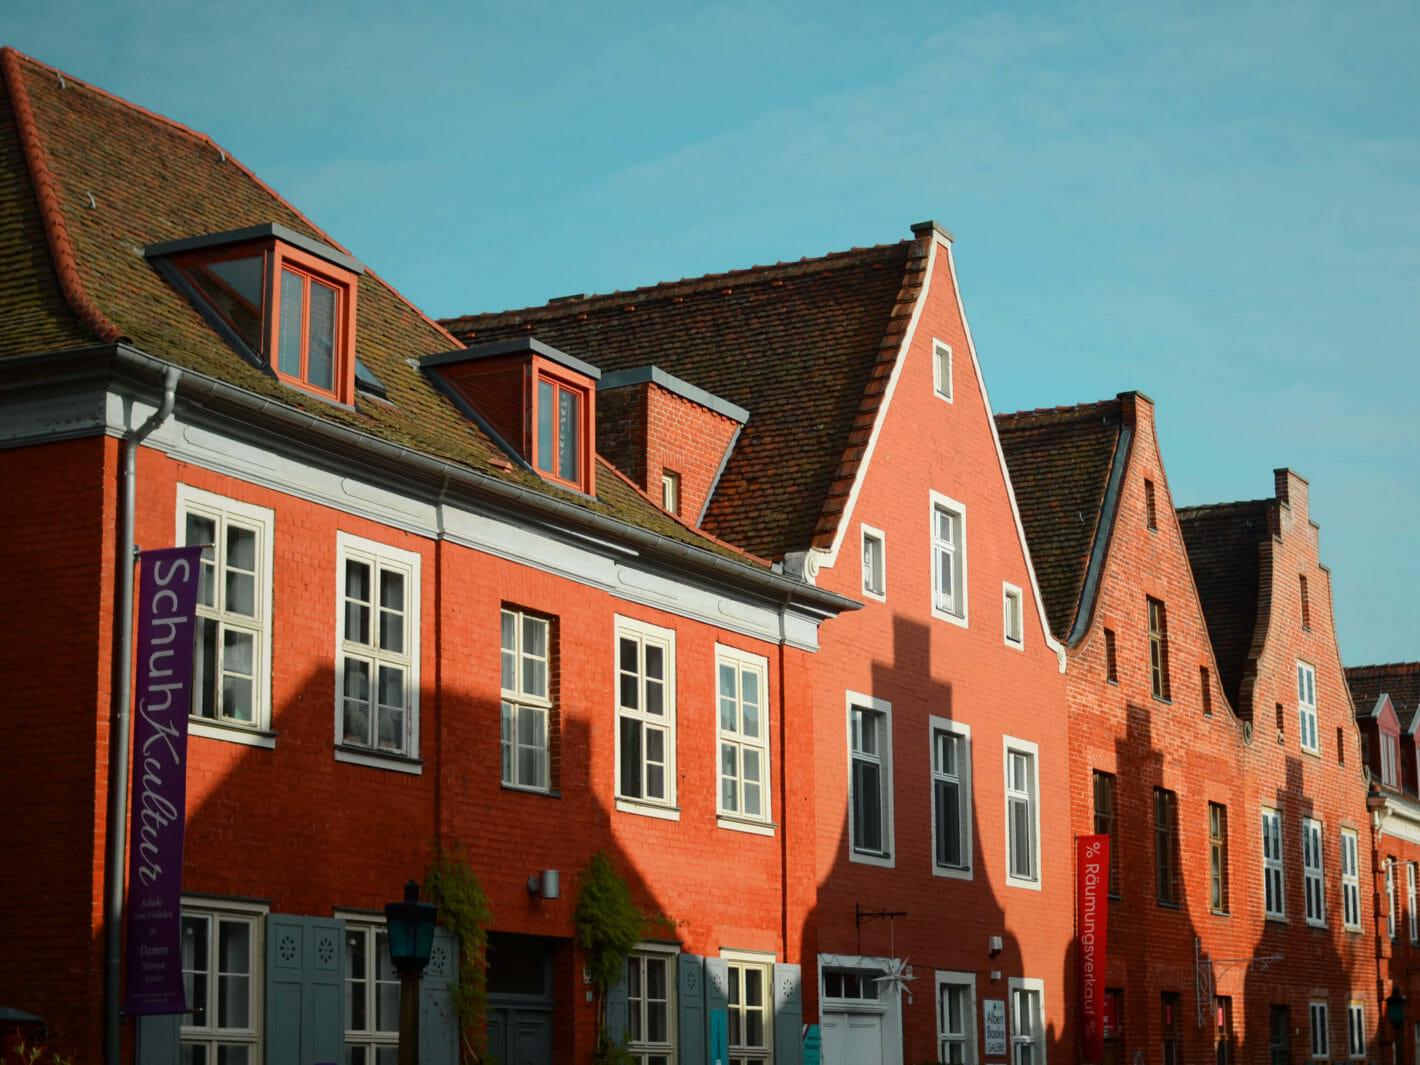 Holländisches Viertel in Potsdam – Tipps zum Fotografieren